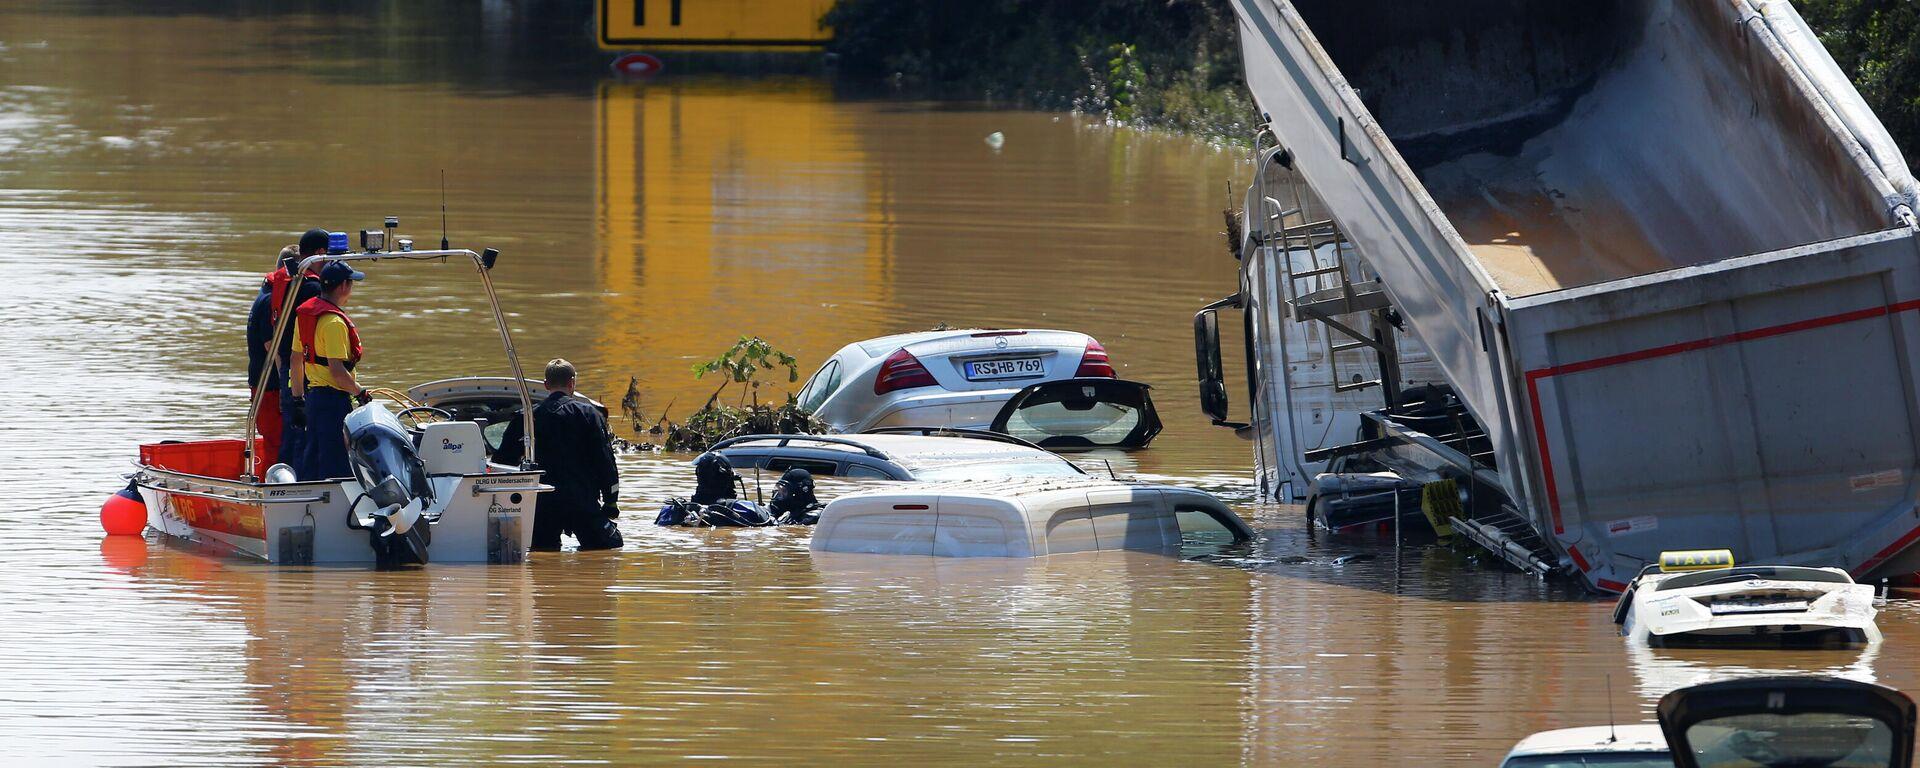 Nach der Überschwemmung in NRW, Hochwasser in Erftstadt-Blessem.  - SNA, 1920, 15.07.2021